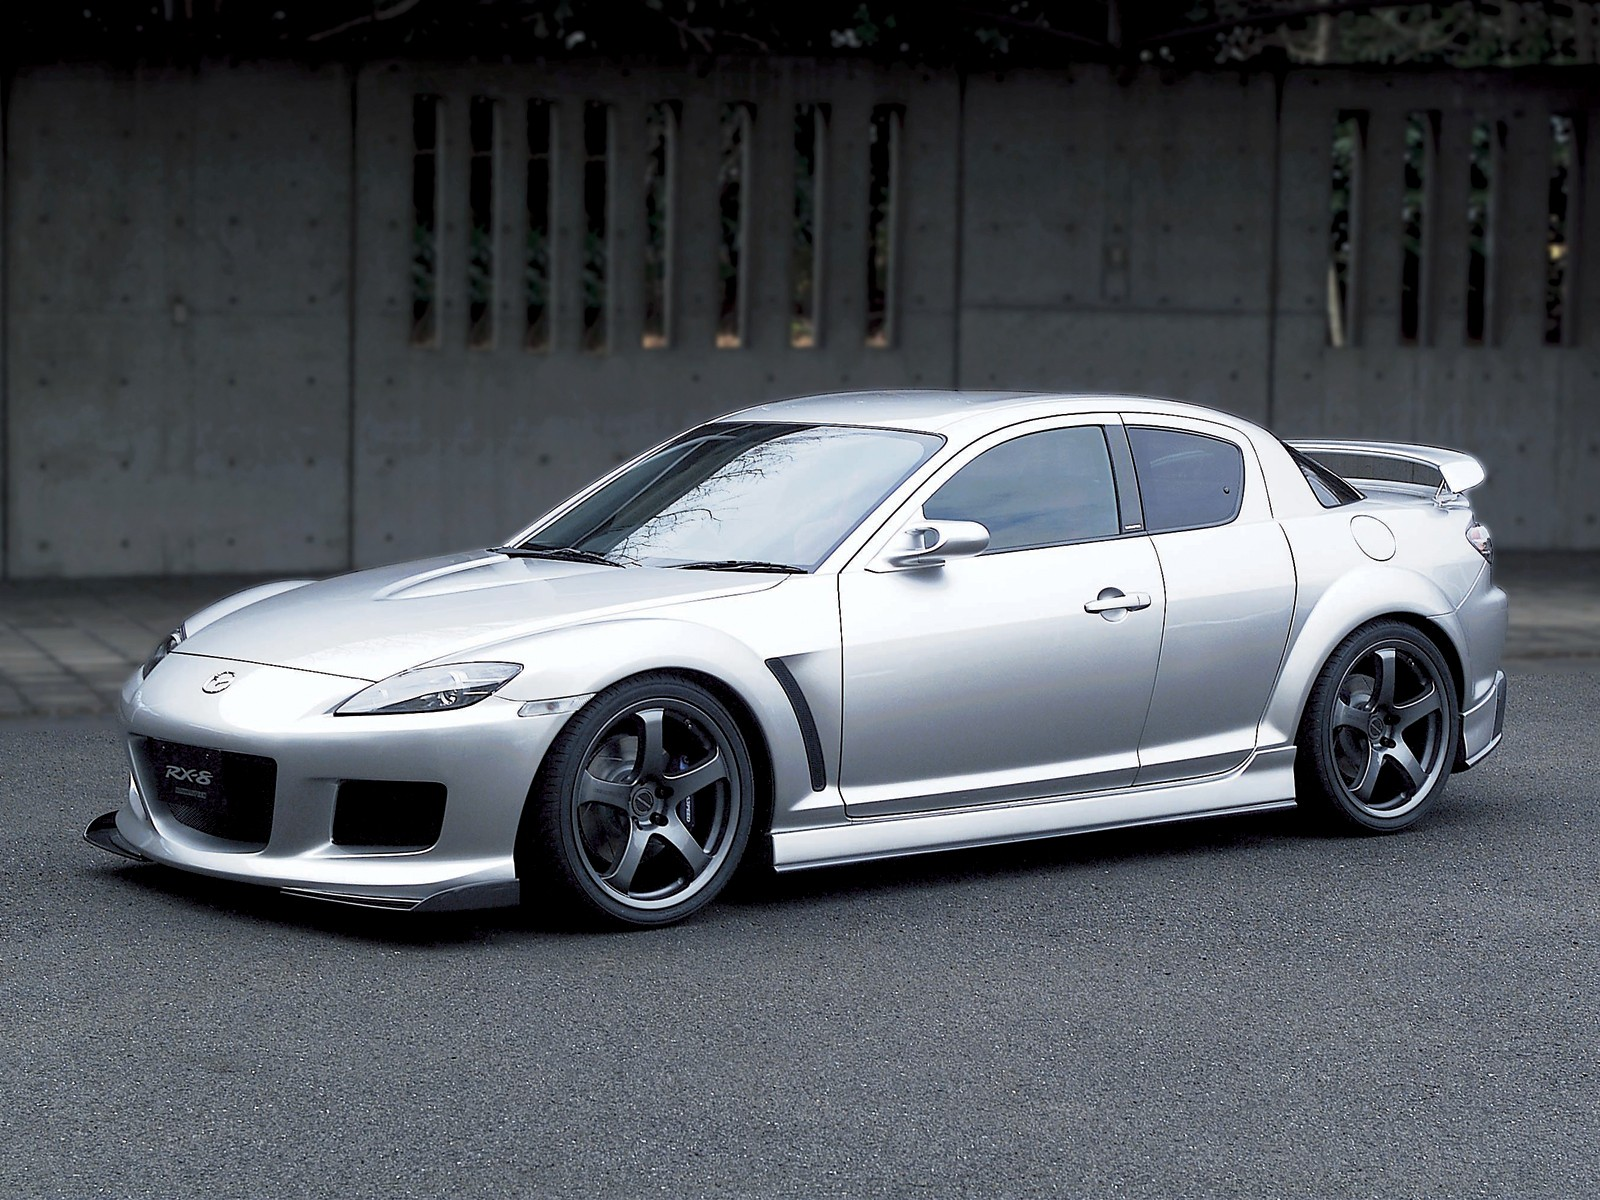 Saleen S7 For Sale >> E Car Wallpaper: Mazda rx8 Modified Photos 2012